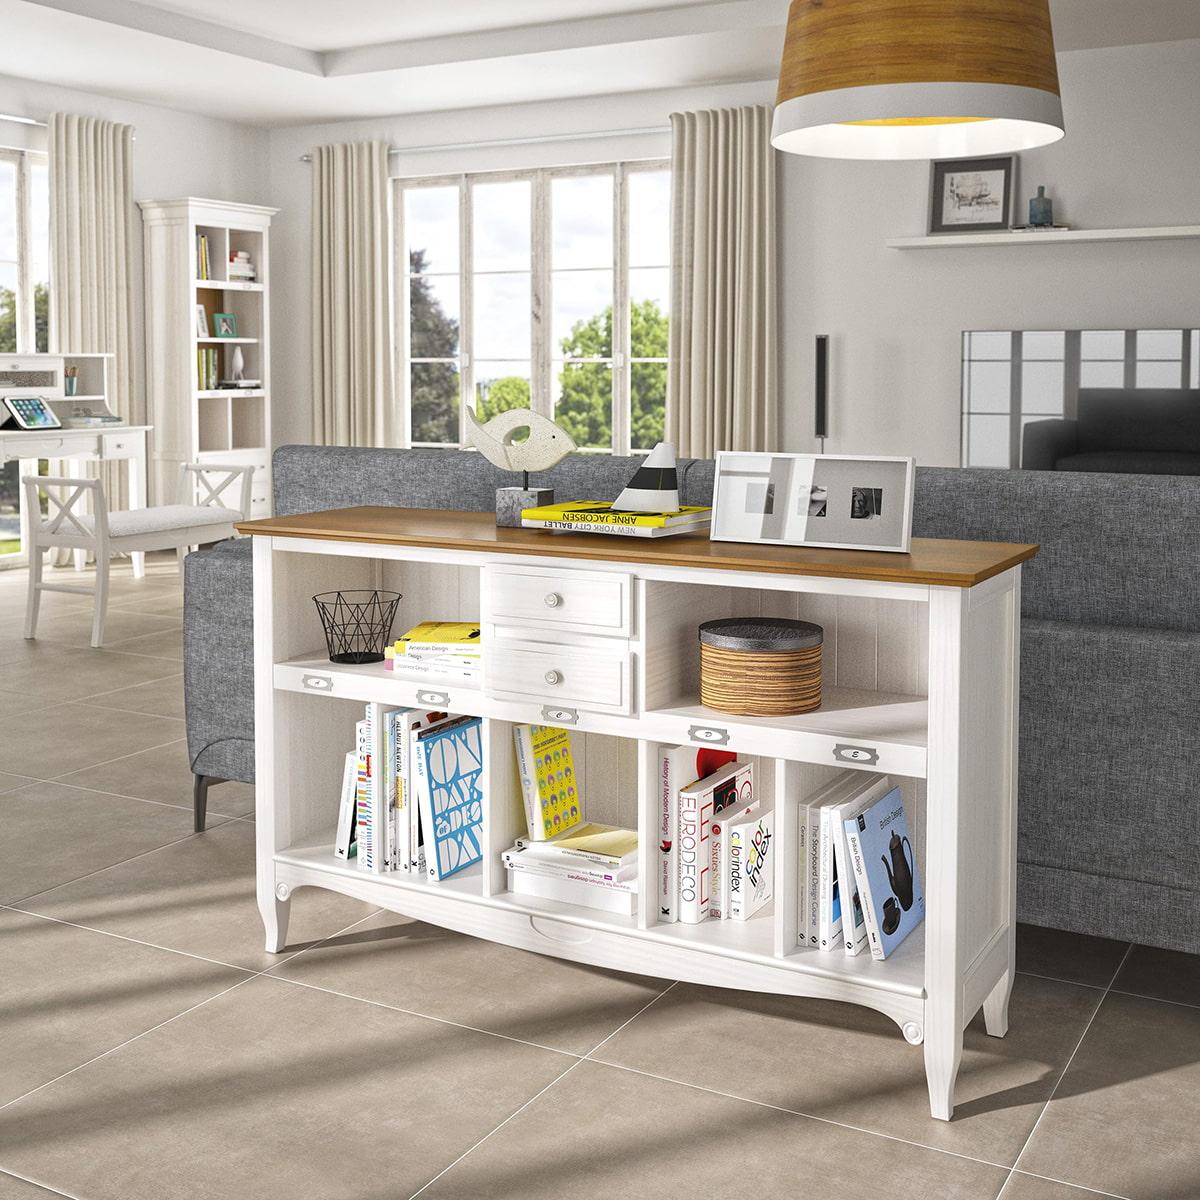 aparador-contemporaneo-muebles-paco-caballero-1337-5c98af96f2f21